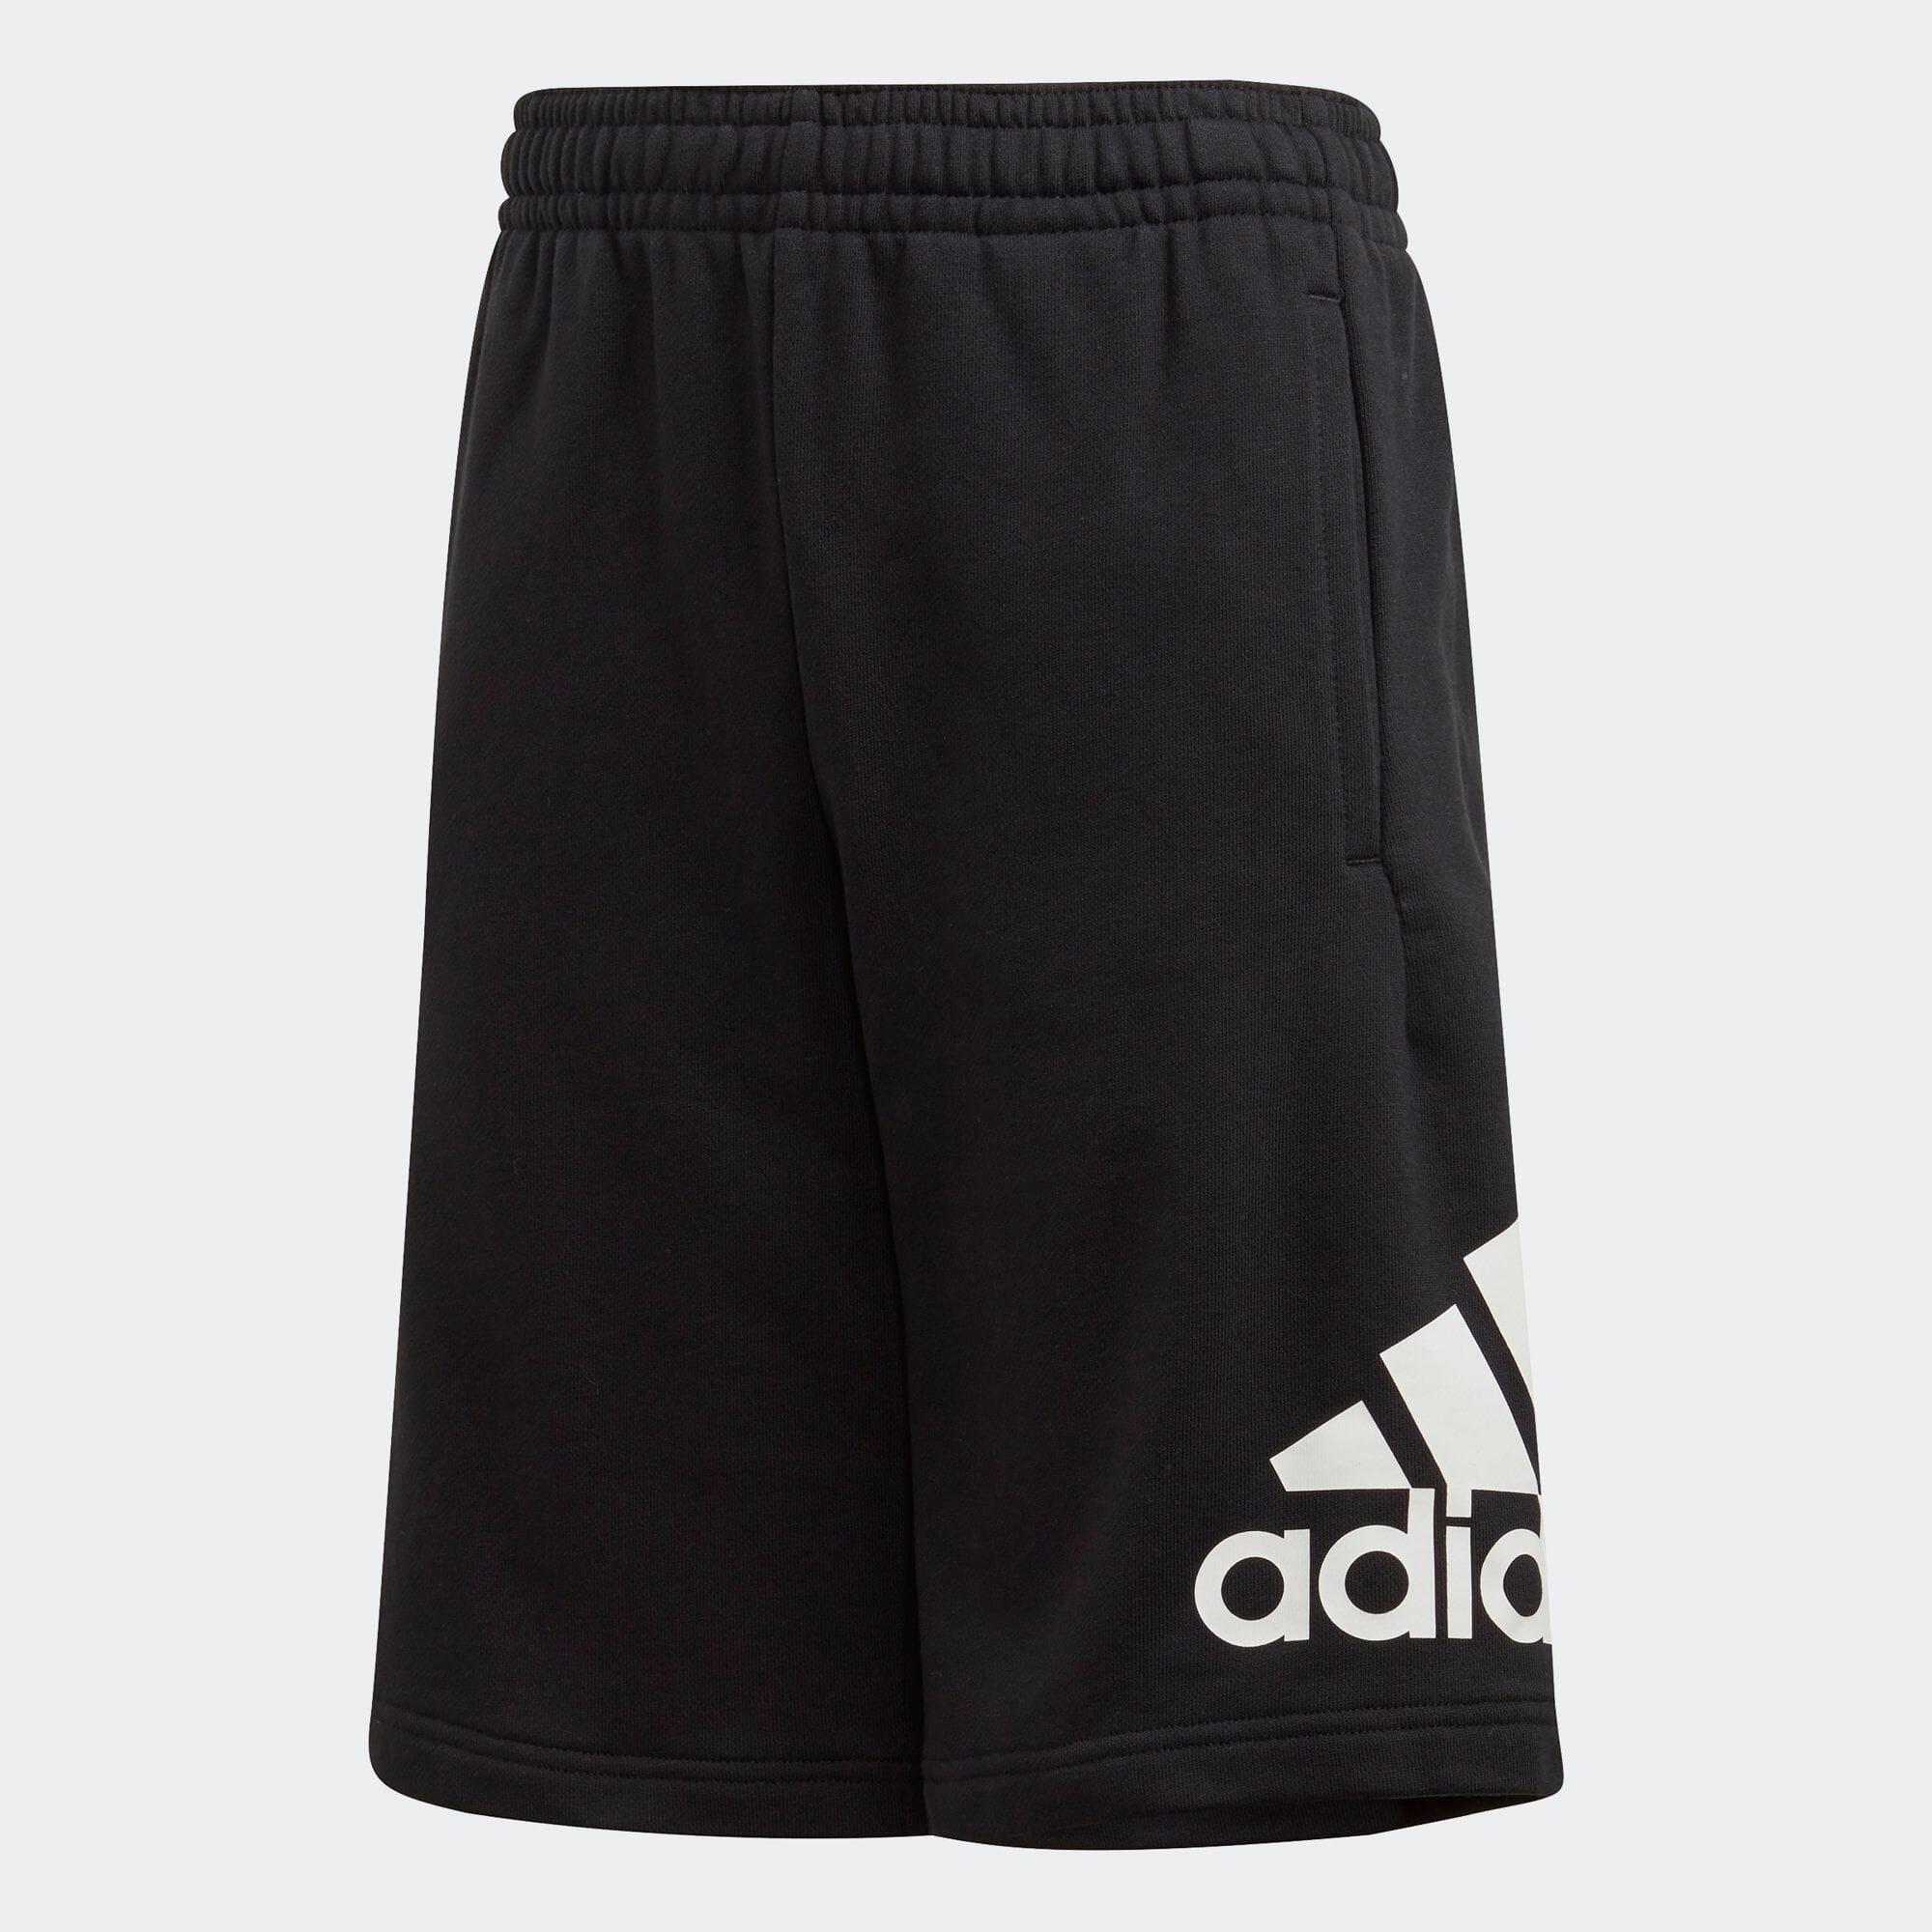 マストハブ バッジ オブ スポーツ ショーツ / Must Haves Badge of Sport Shorts